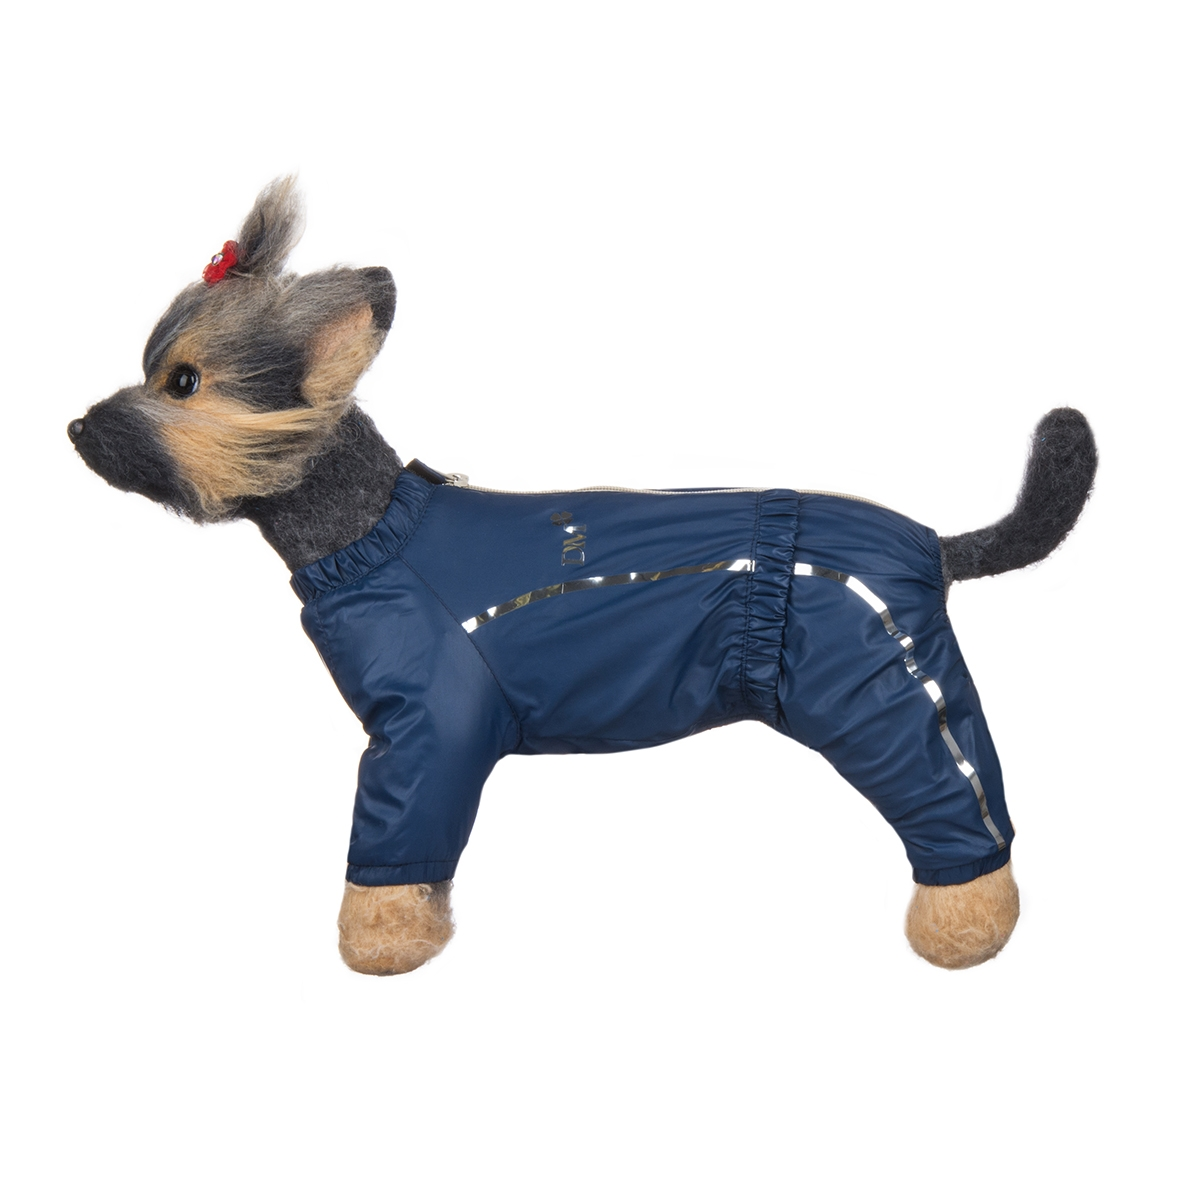 Комбинезон для собак Dogmoda  Альпы , для мальчика, цвет: синий. Размер 1 (S). DM-160101 - Одежда, обувь, украшения